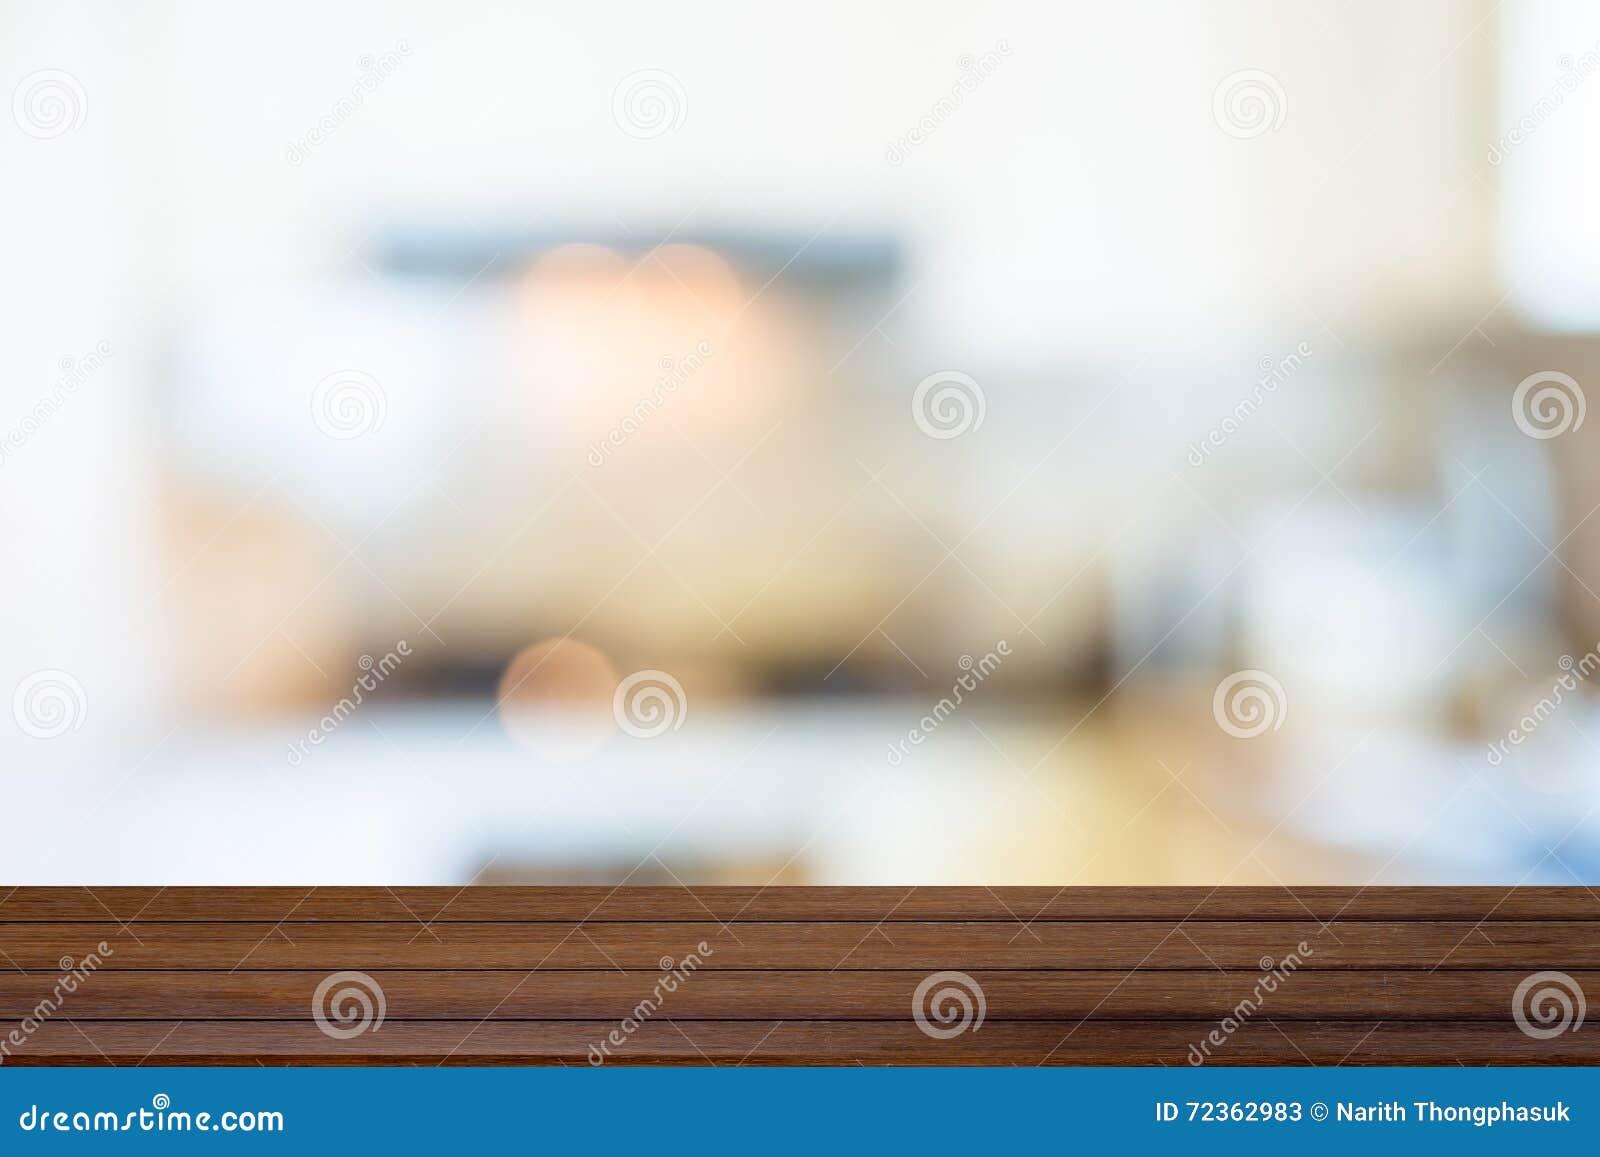 迷离厨房内部和木桌,可以使用作为backgrou